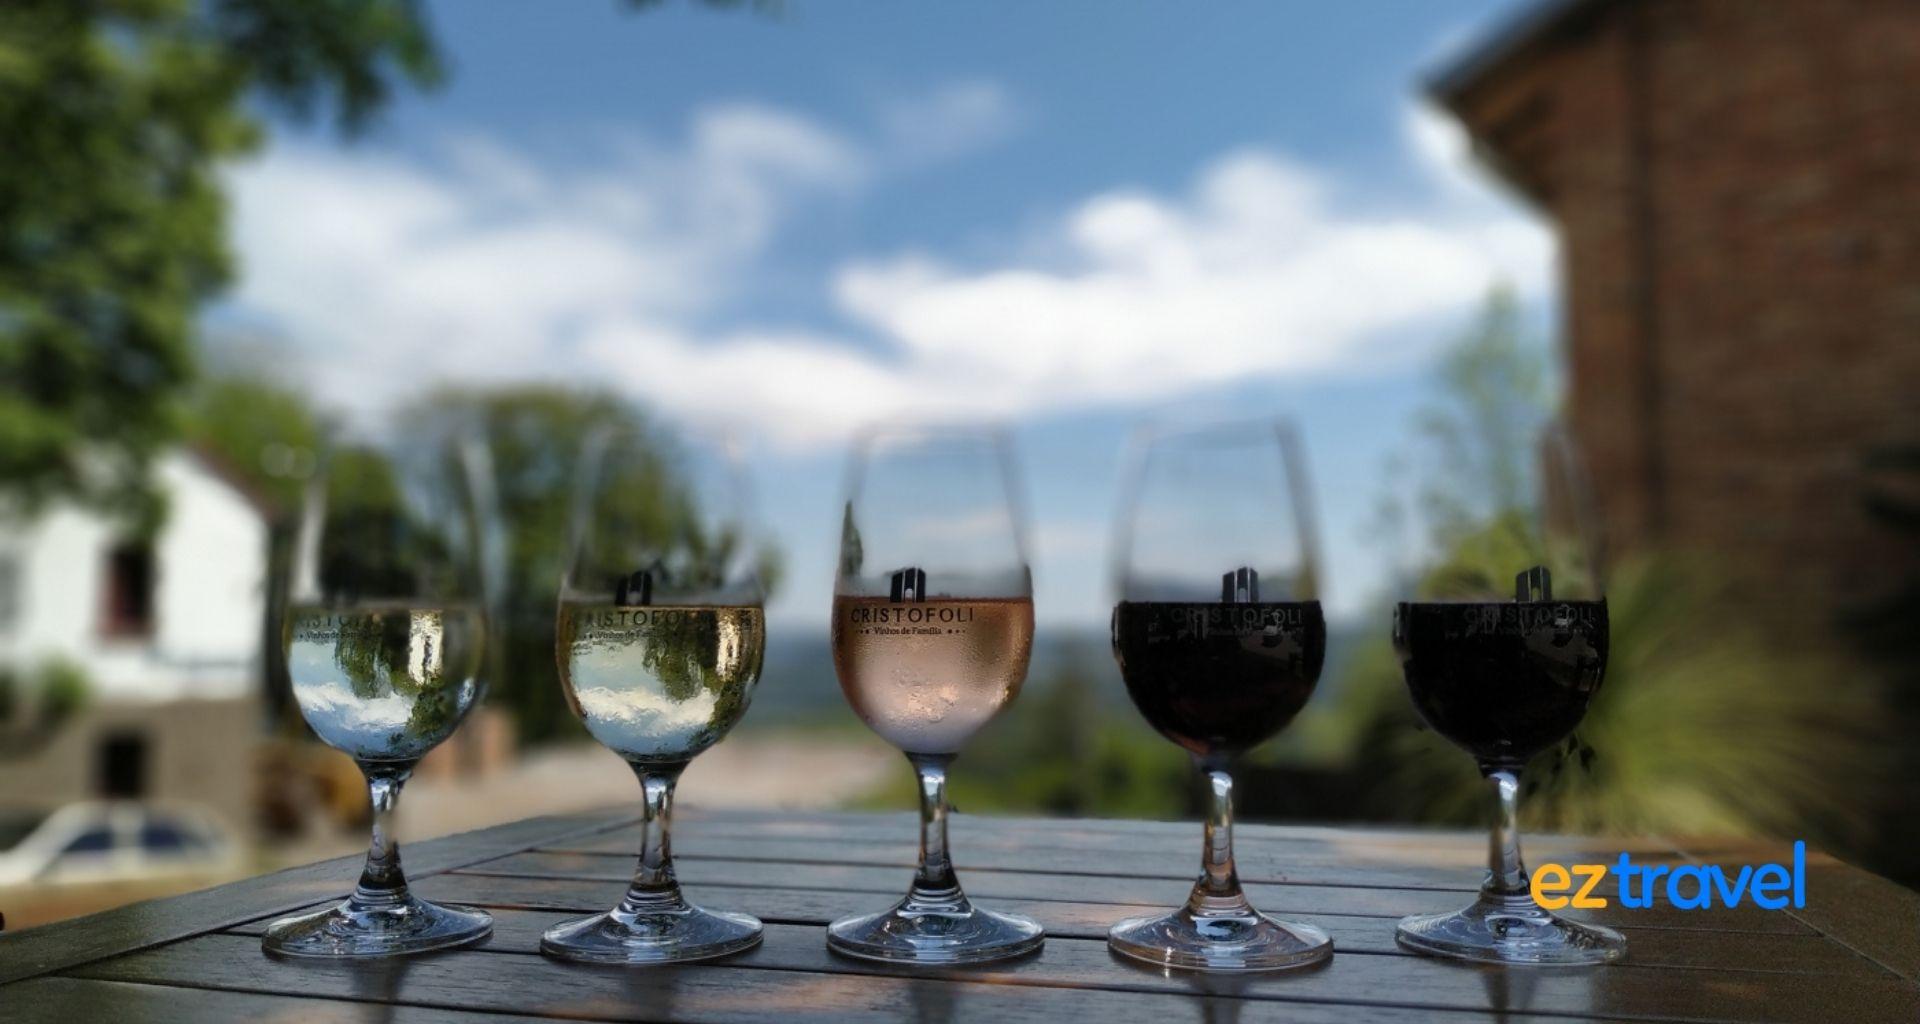 vinicola cristofoli